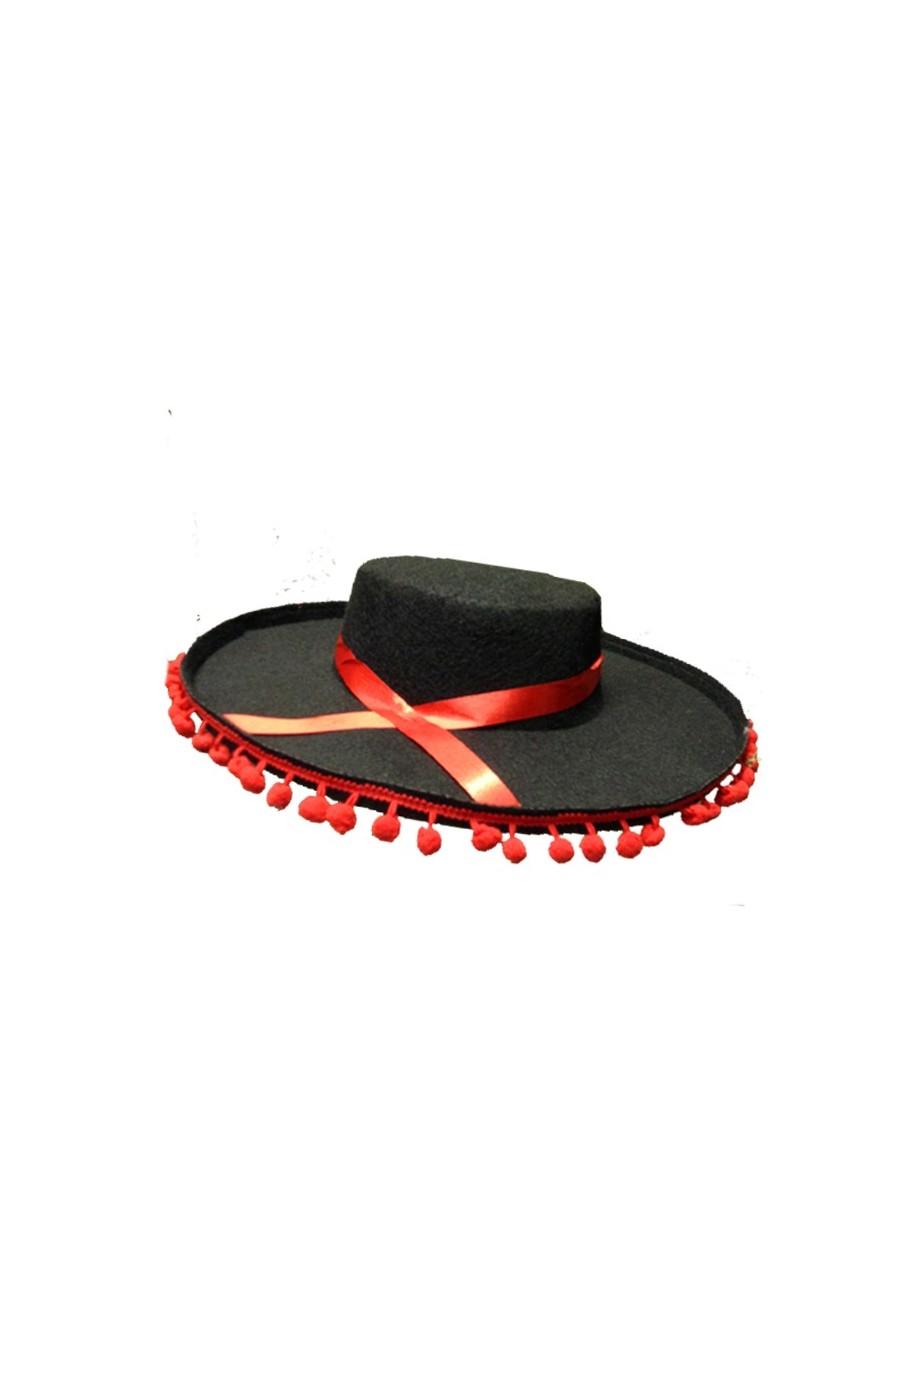 Cappello spagnolo flamenco con palline rosse 9e1e4b84a0b1